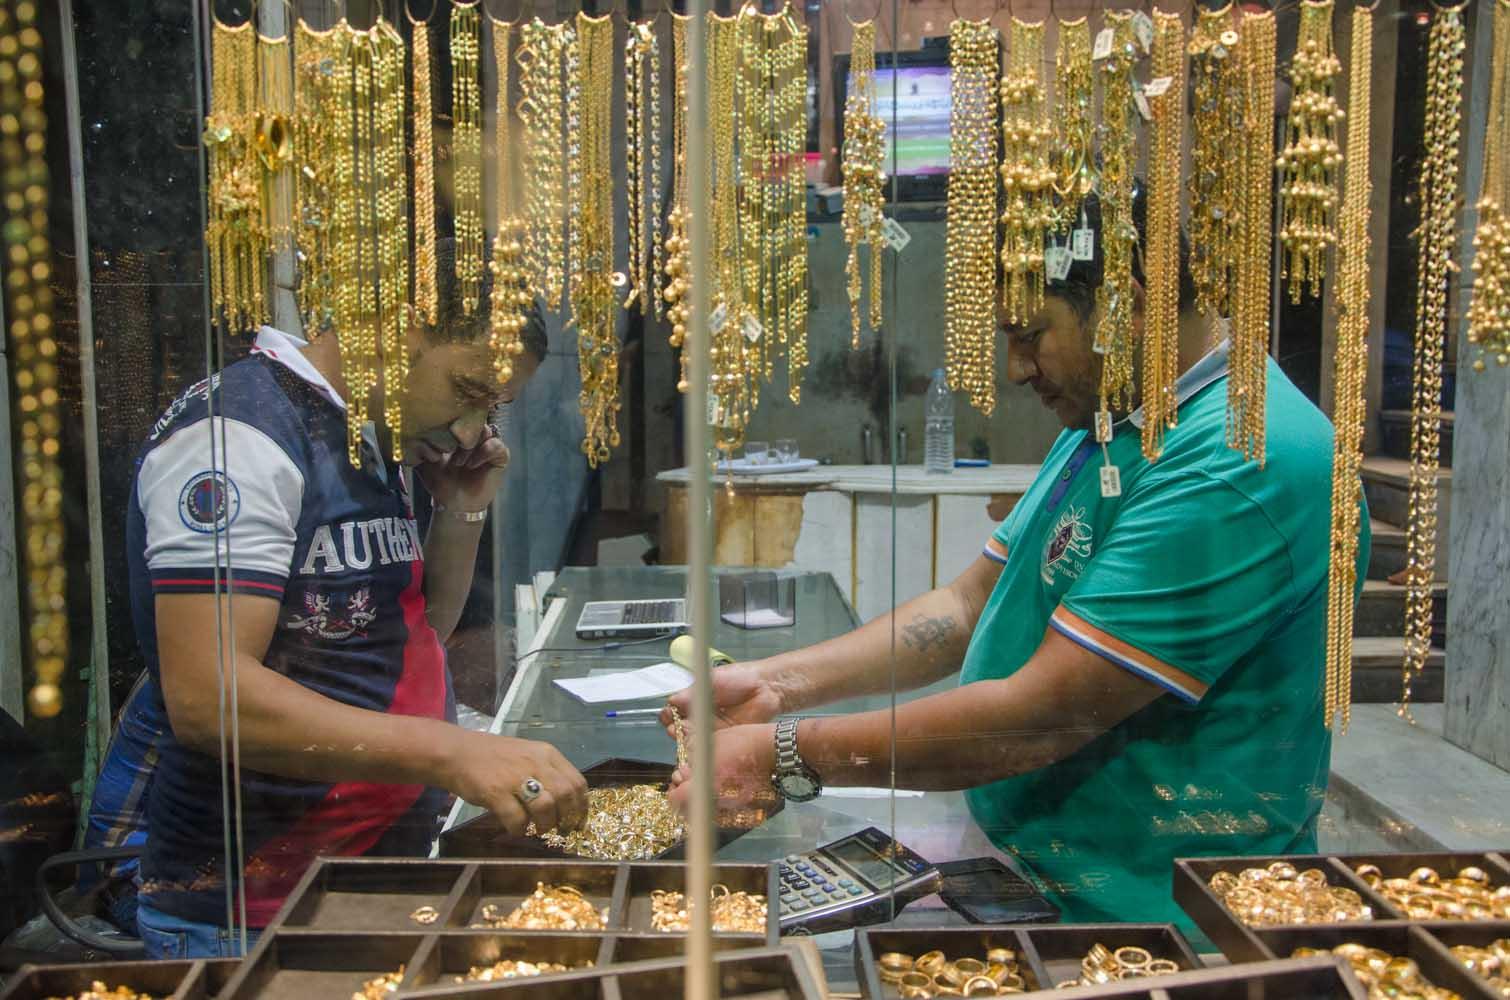 أسعار الذهب في مصر تنخفض بتعاملات اليوم الاثنين 2 أغسطس 2021